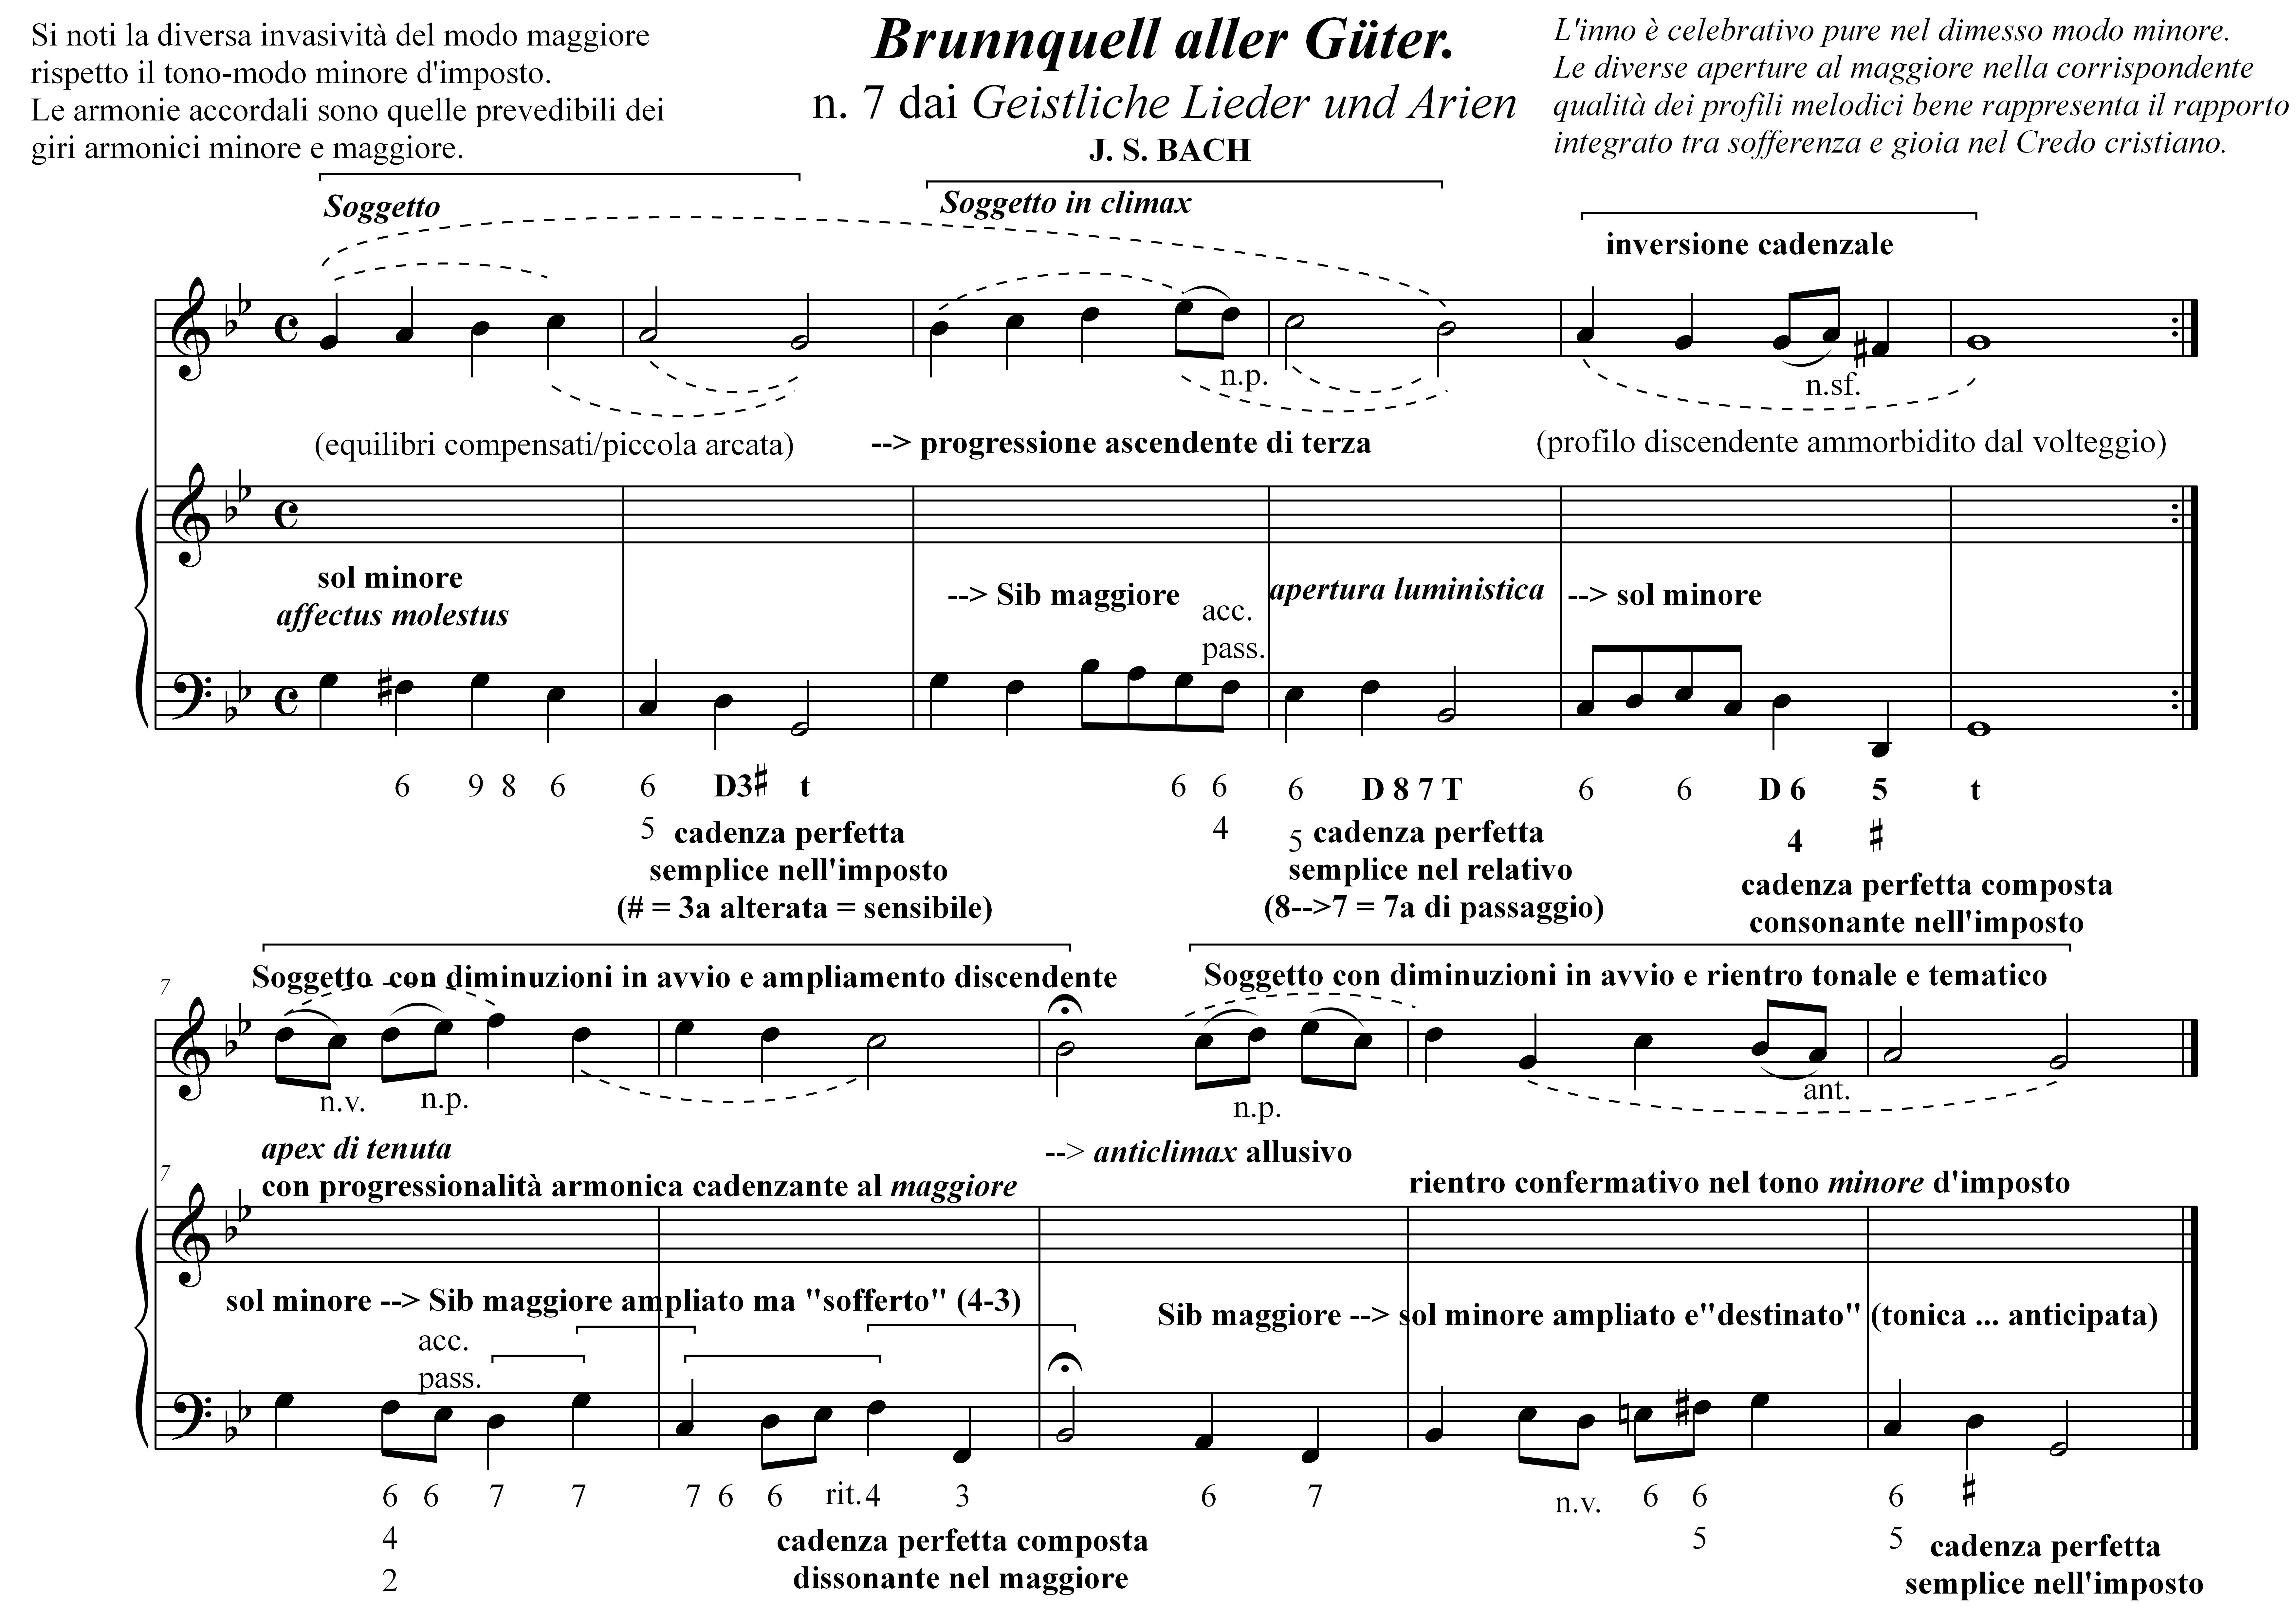 bc - Bach n. 7  Canti sacri - I fase (analisi).jpg